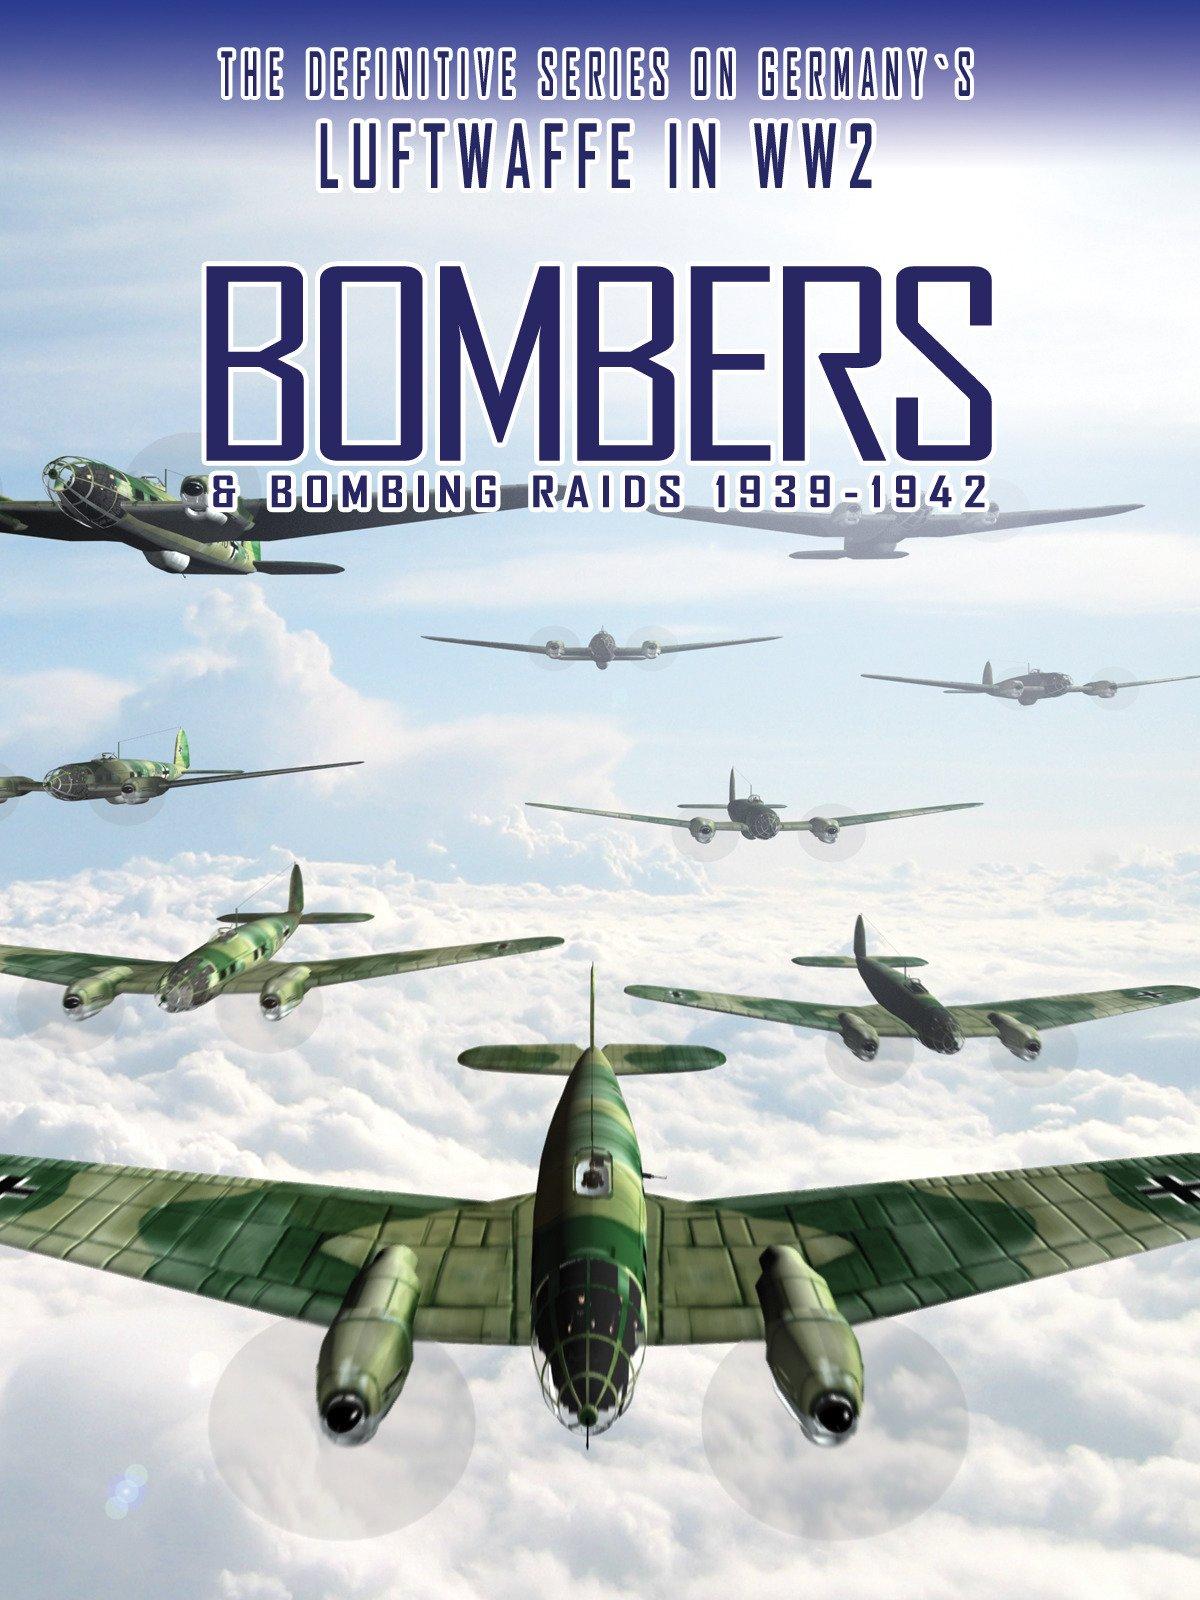 Bombers & Bombing Raids